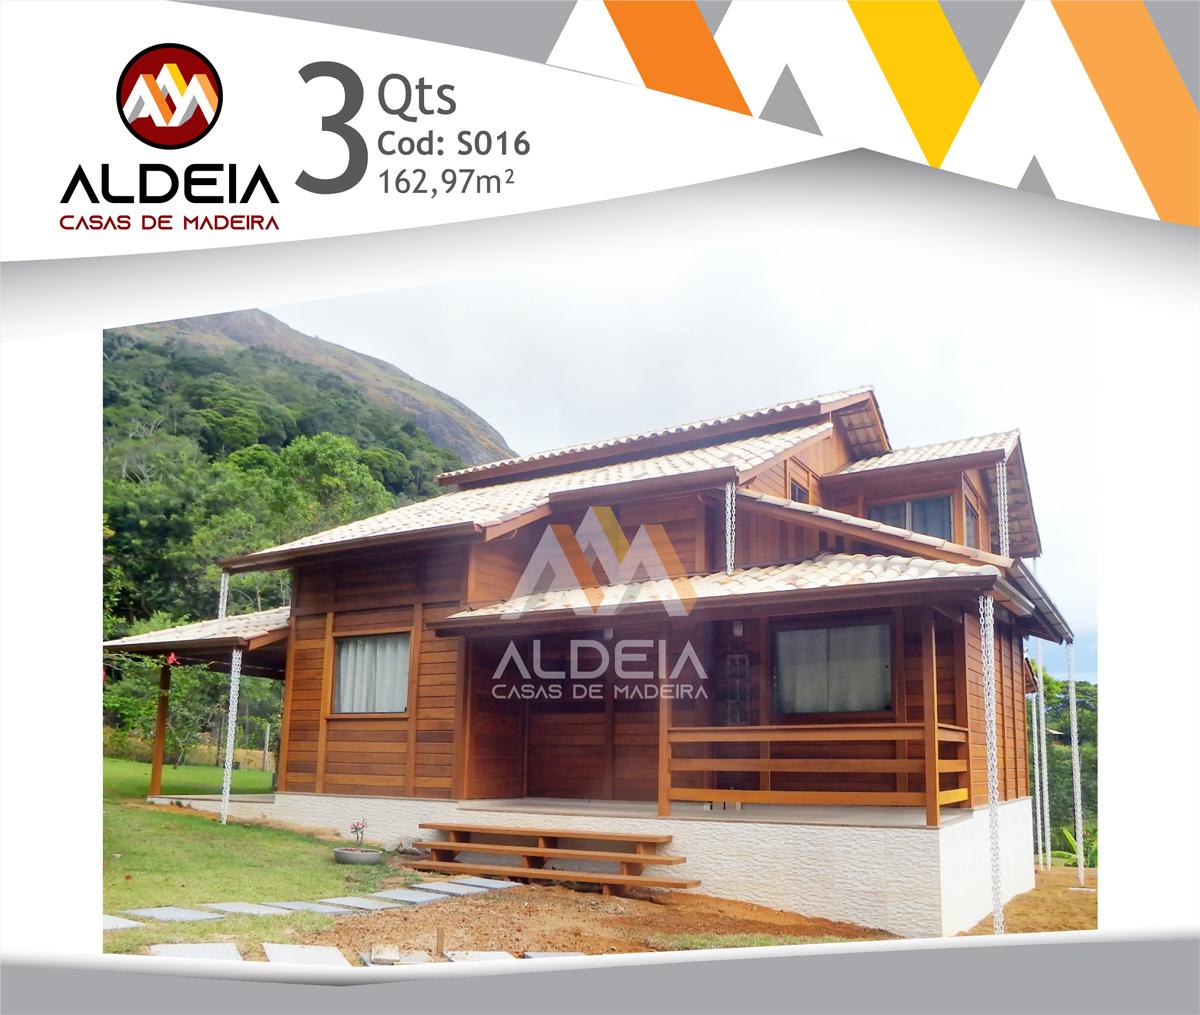 aldeia-casas-madeira-fachada-S016